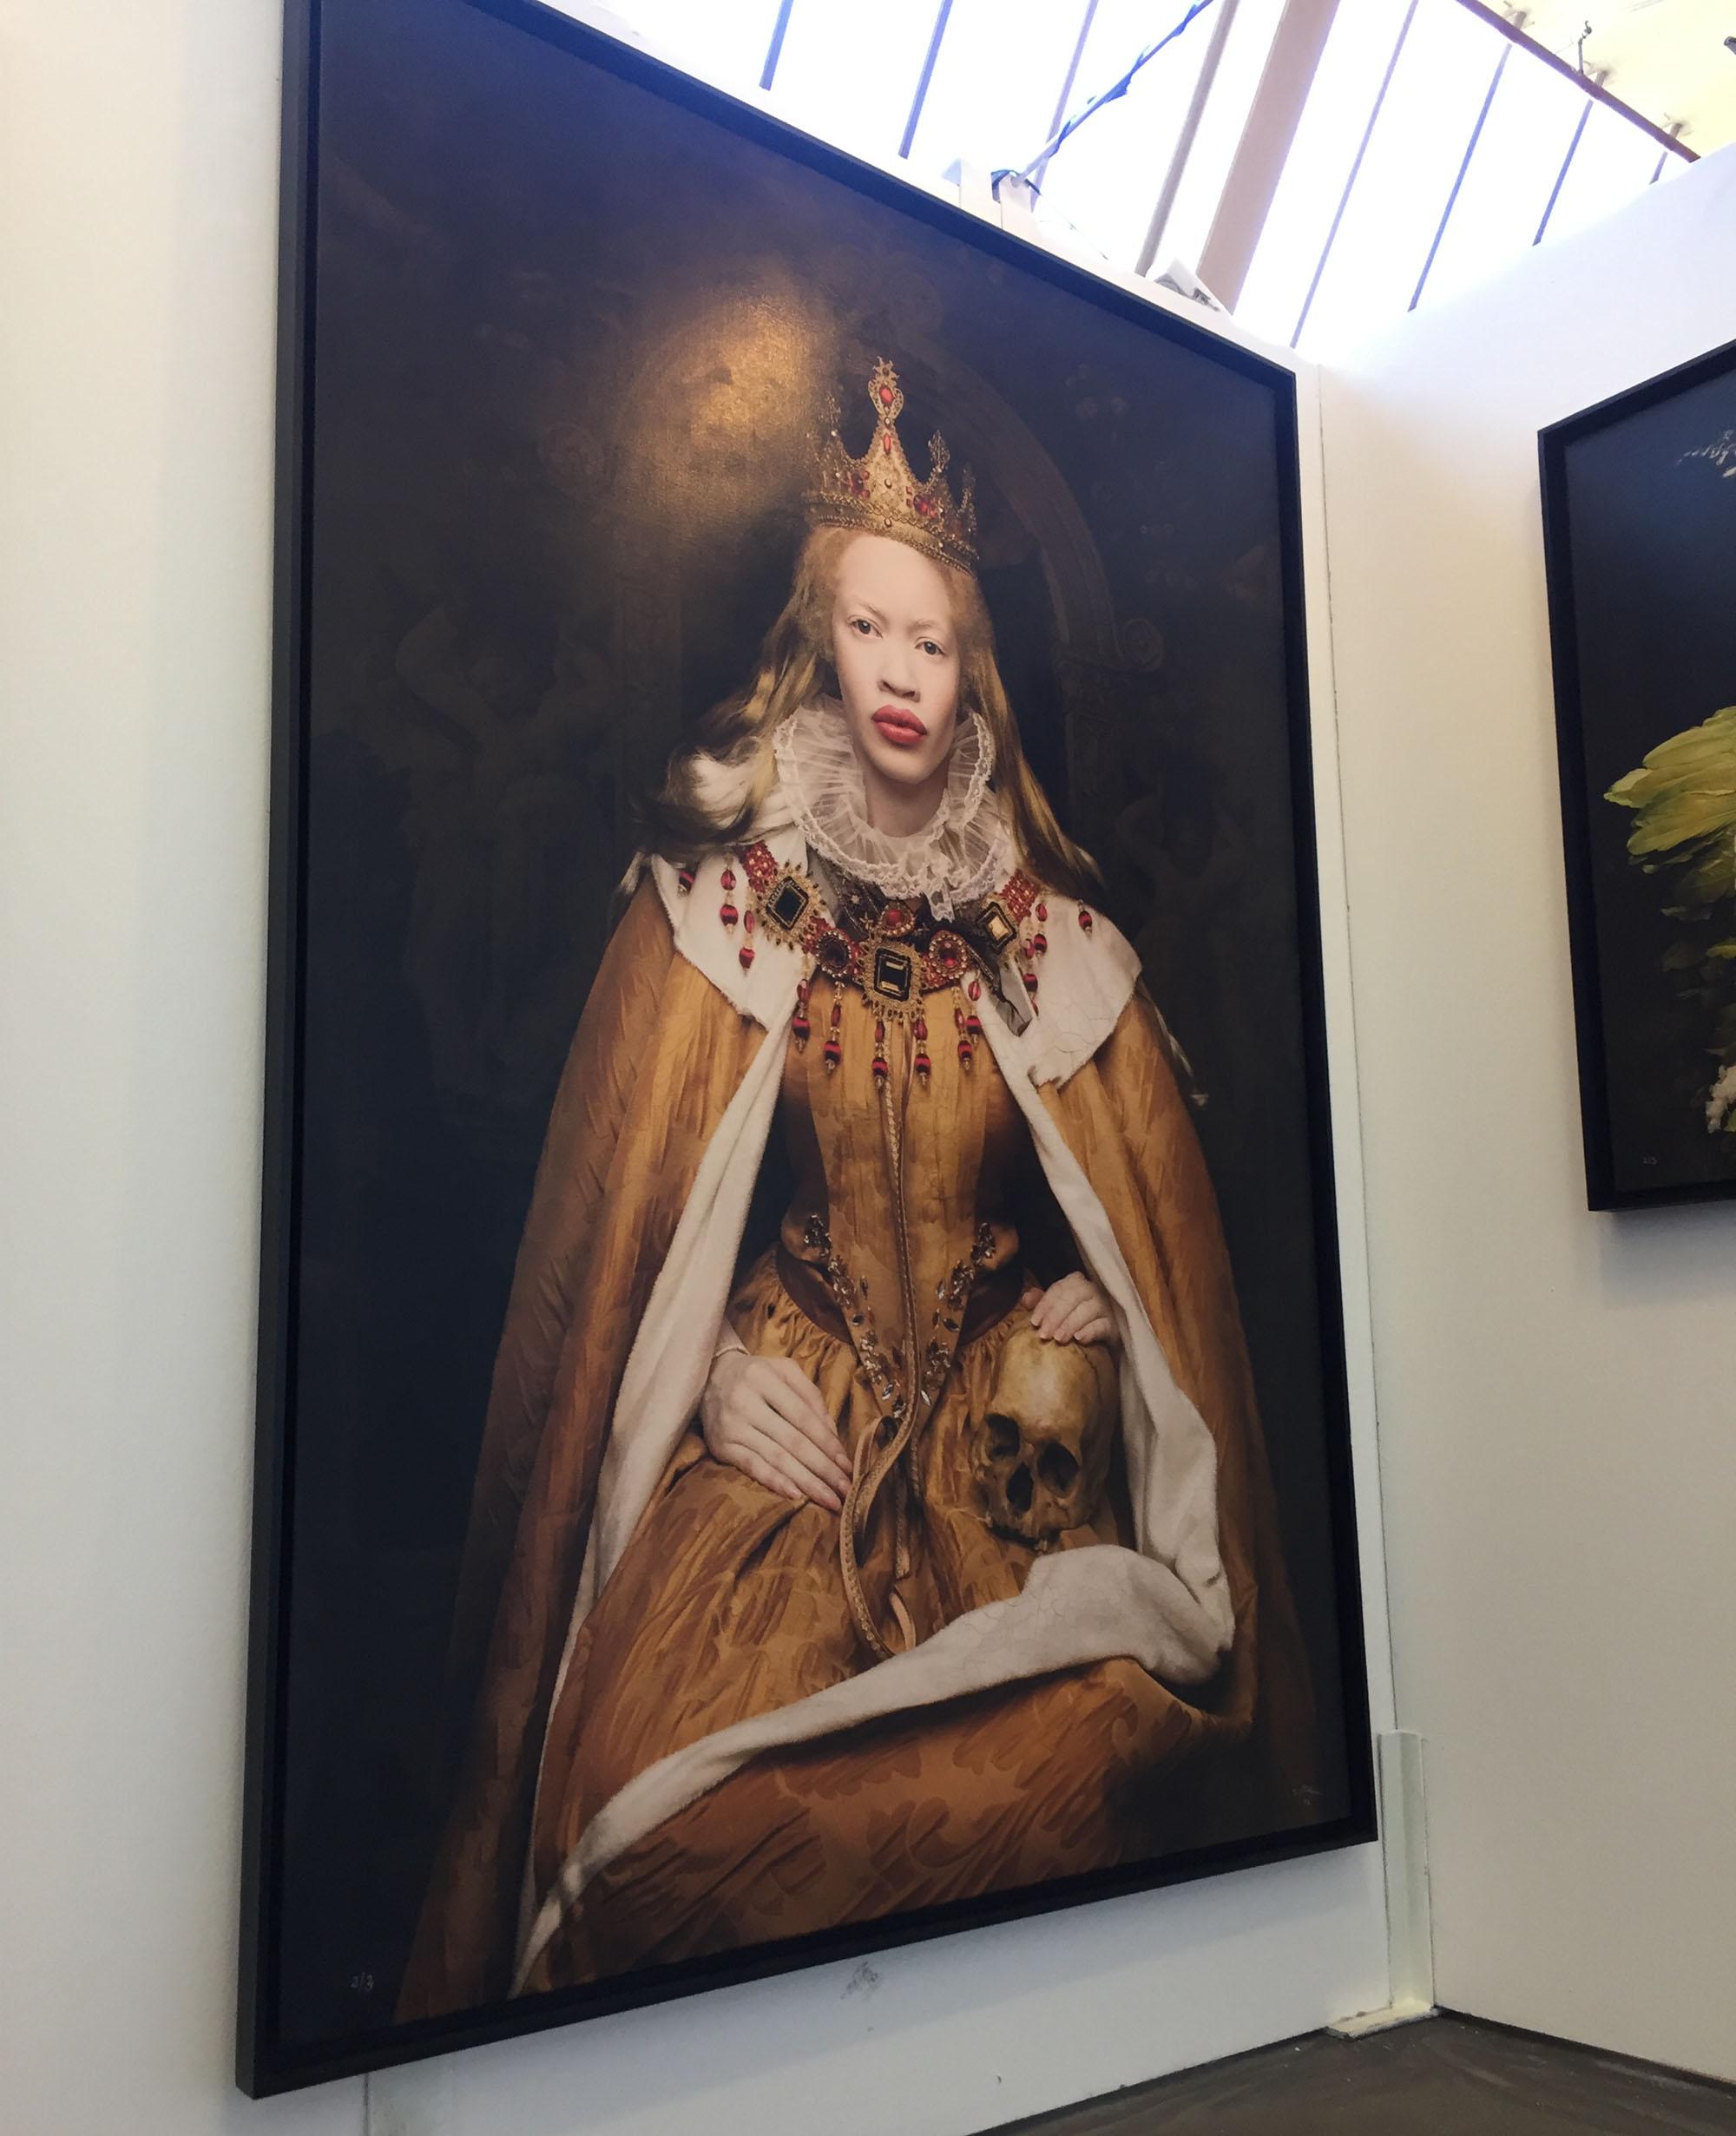 Coverage: Stroke Art Fair 2017 Artes & contextos Str 06